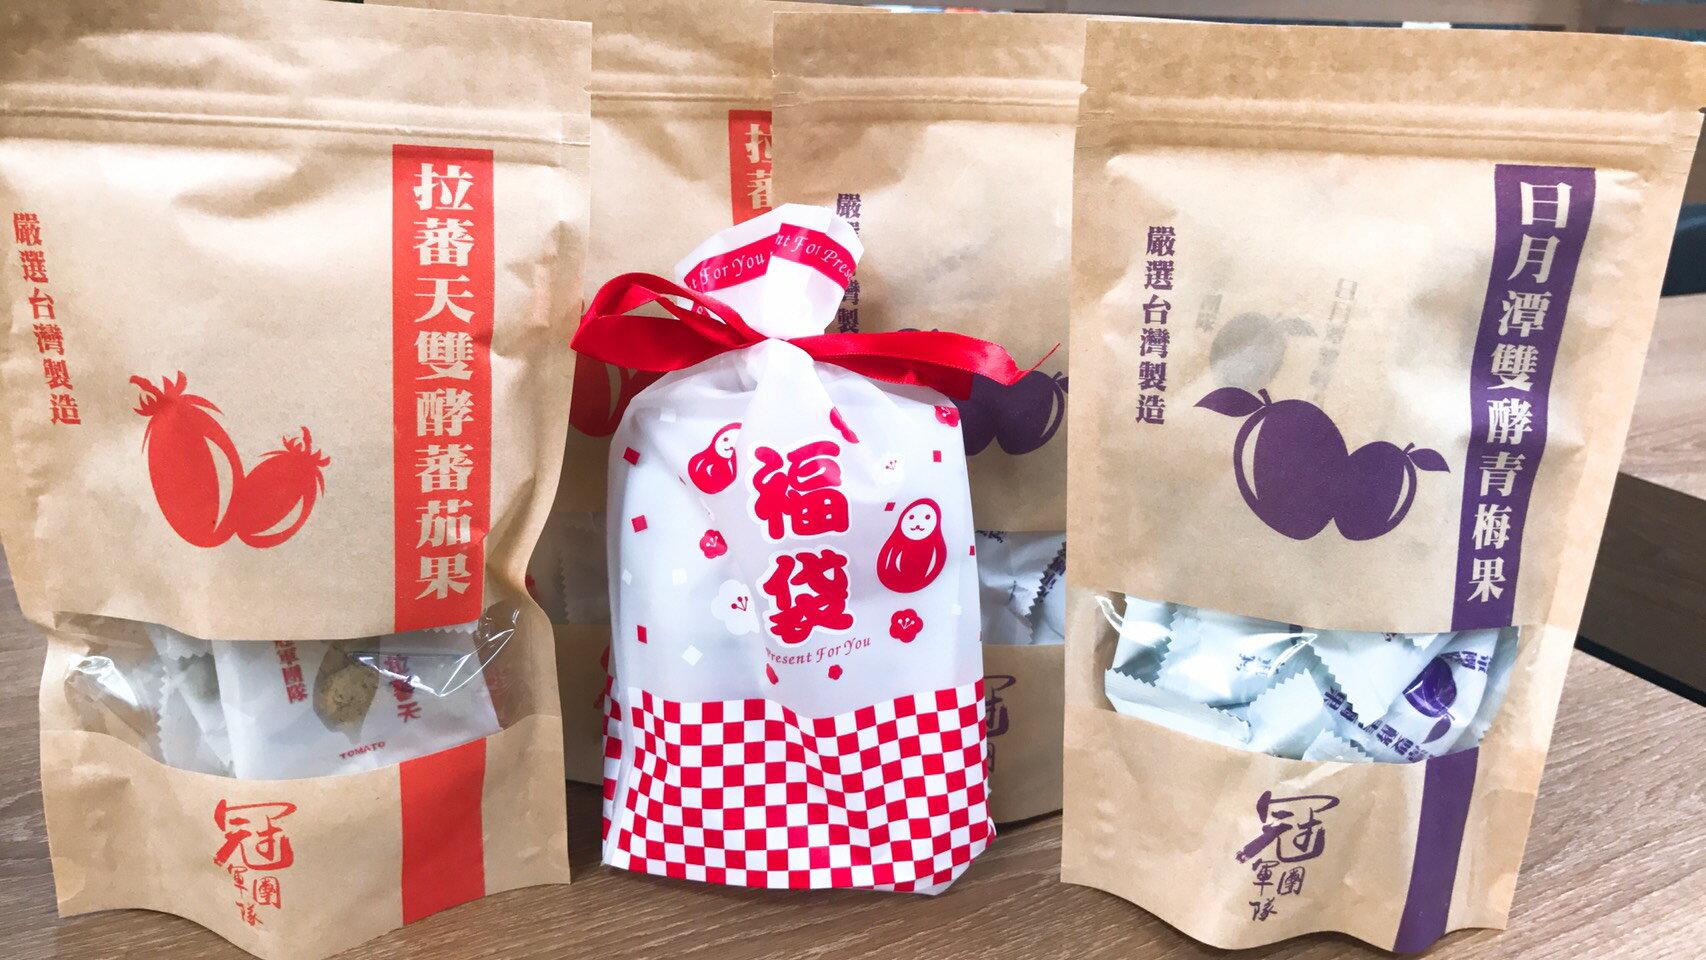 【CHIA】青梅果 / 番茄果 2種口味(共4包) - 限時優惠好康折扣